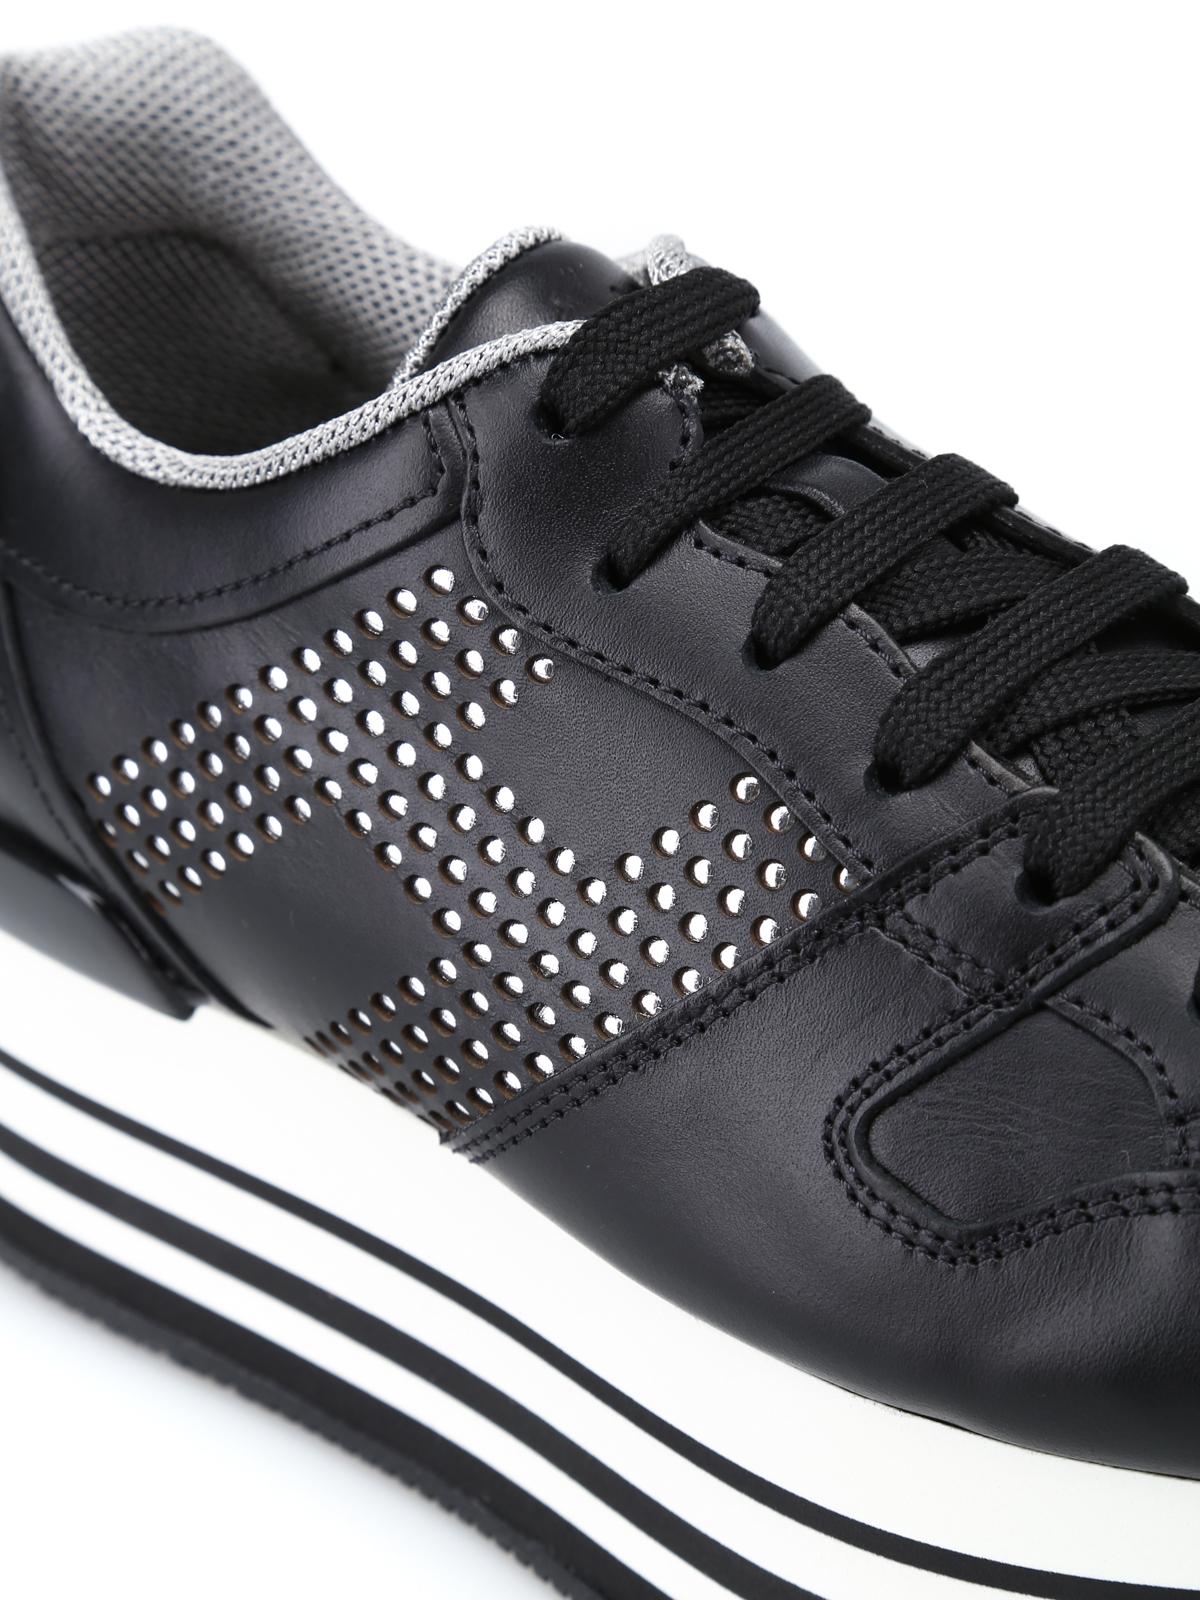 Sneakers Hogan - Sneaker H283 Maxi nere in pelle - HXW2830AA70KLAB999